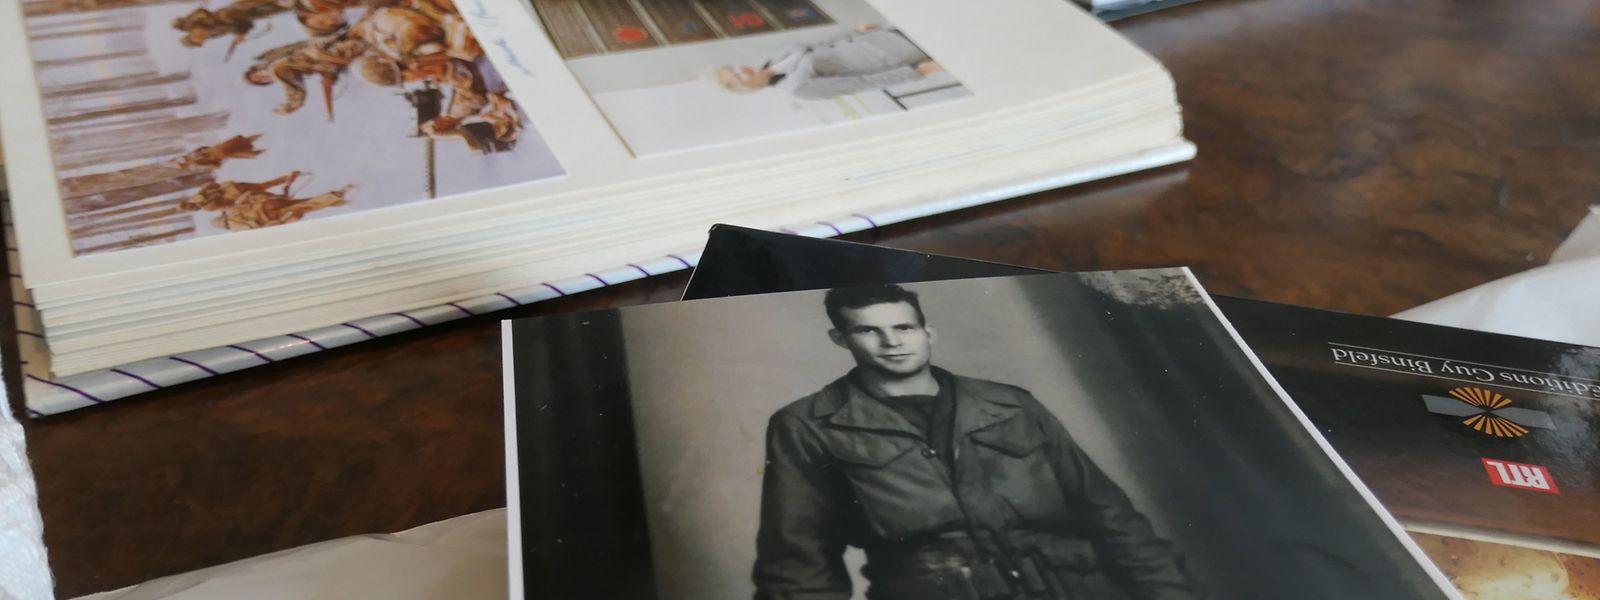 Alte Fotos und Geschichtsbücher: Hier sind jene Ereignisse gebannt, die George Mills seit 75 Jahren nicht loslassen.